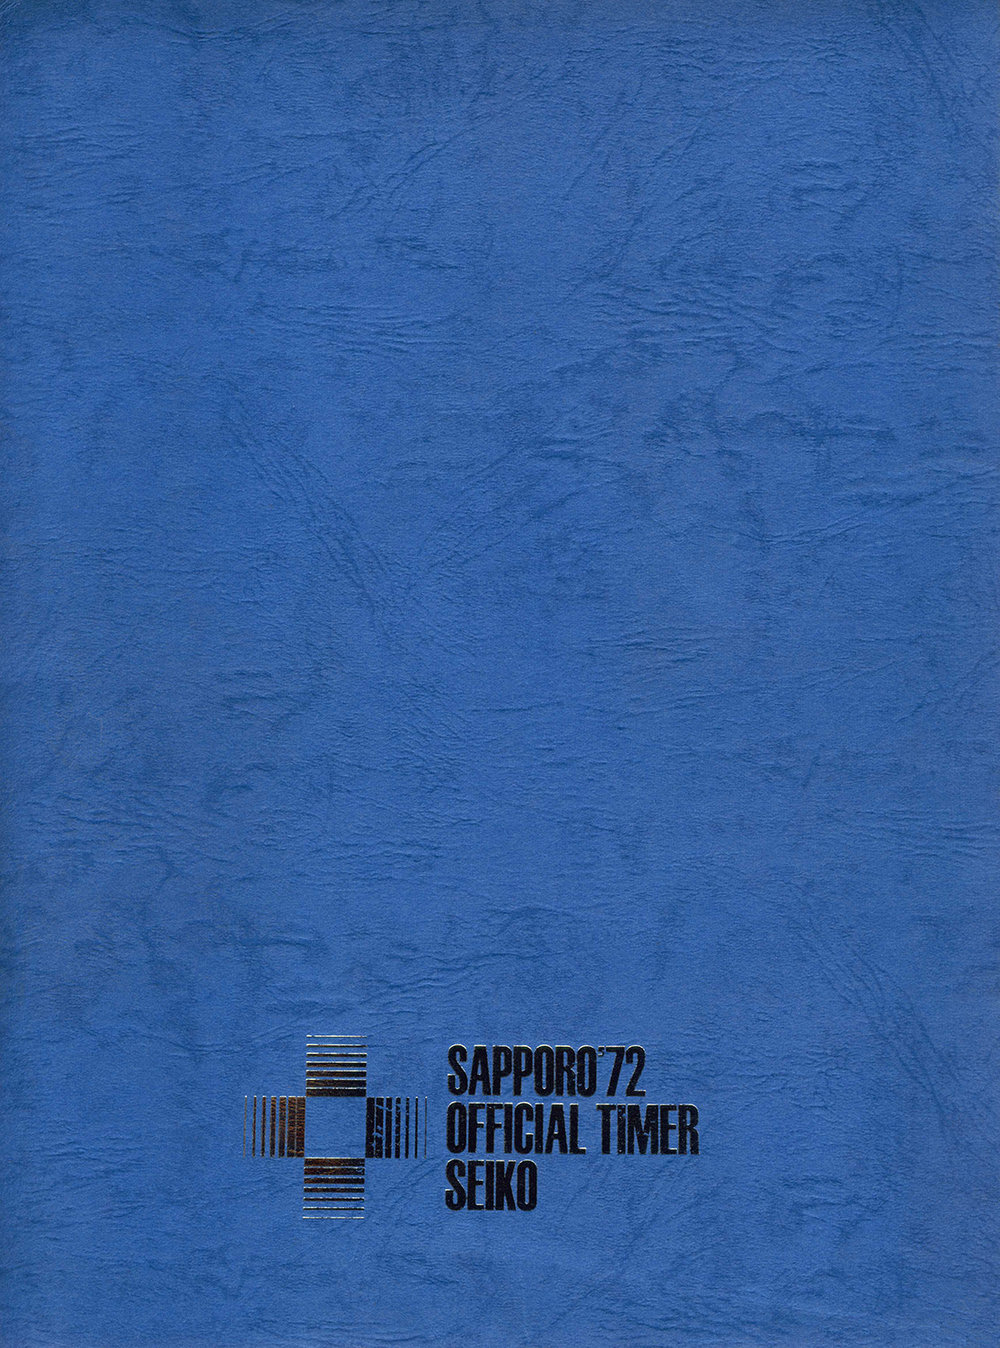 Sapporo '72 Official Timer Folder